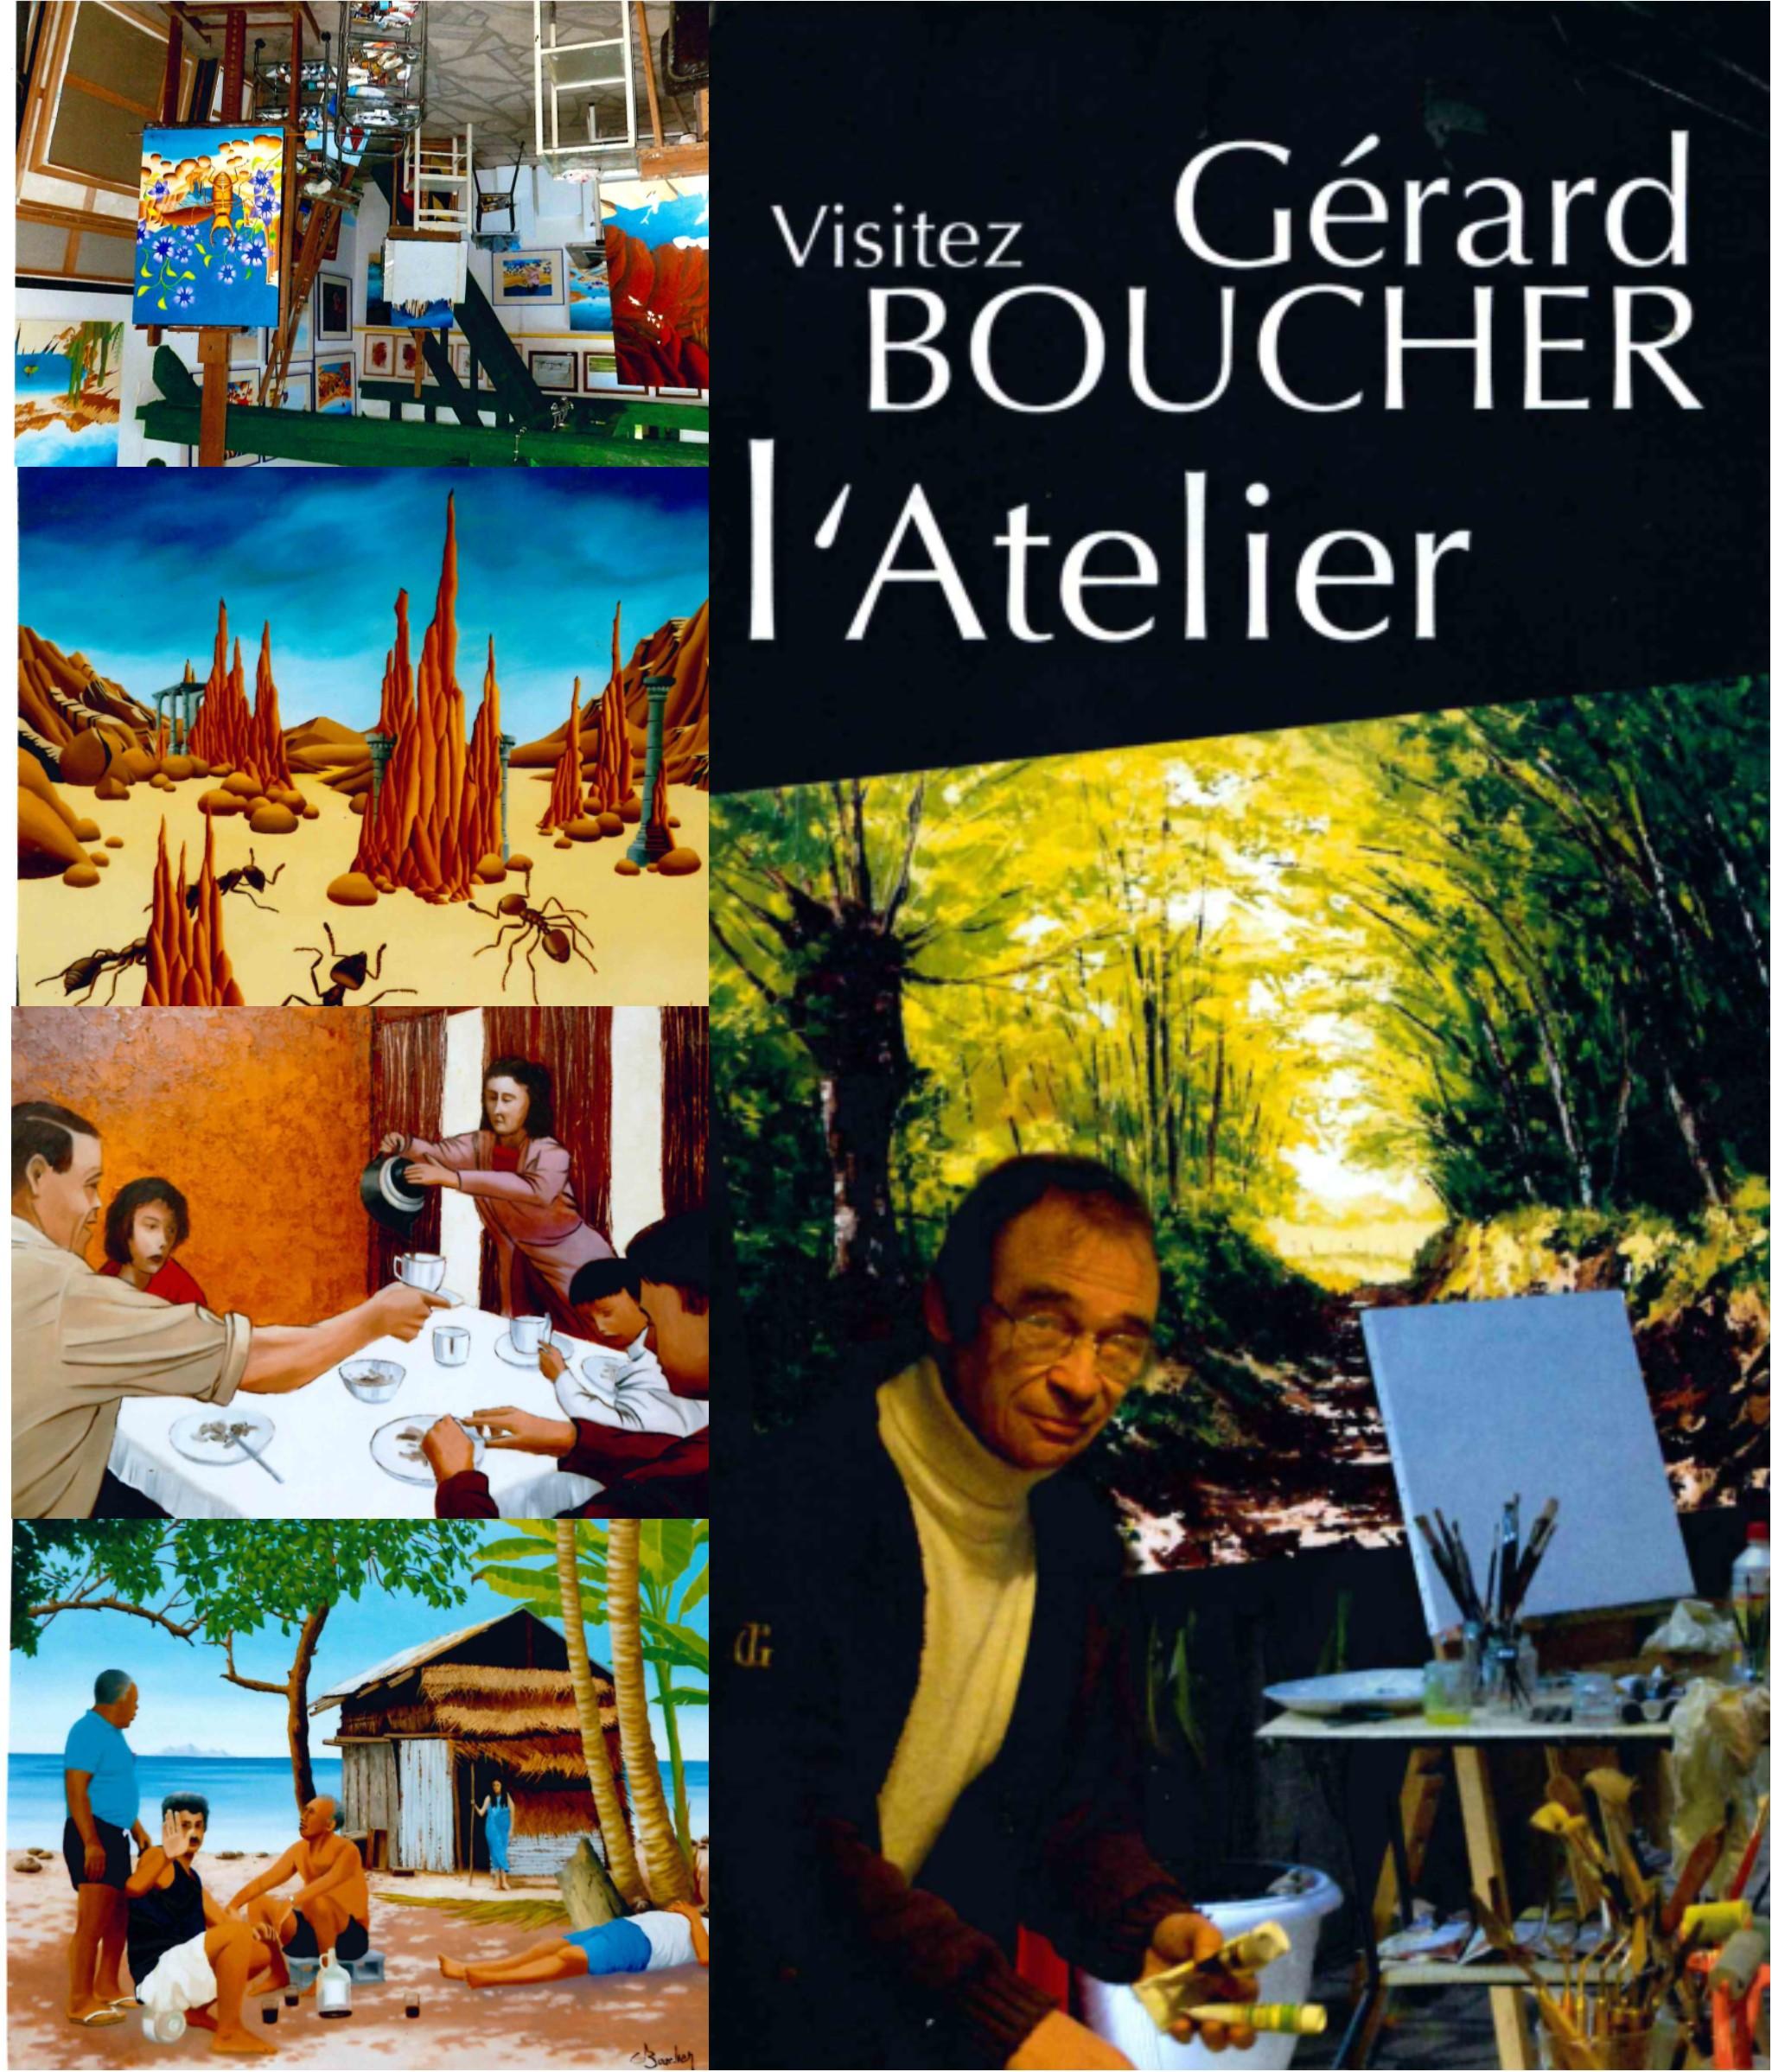 gerard-boucher-peintre